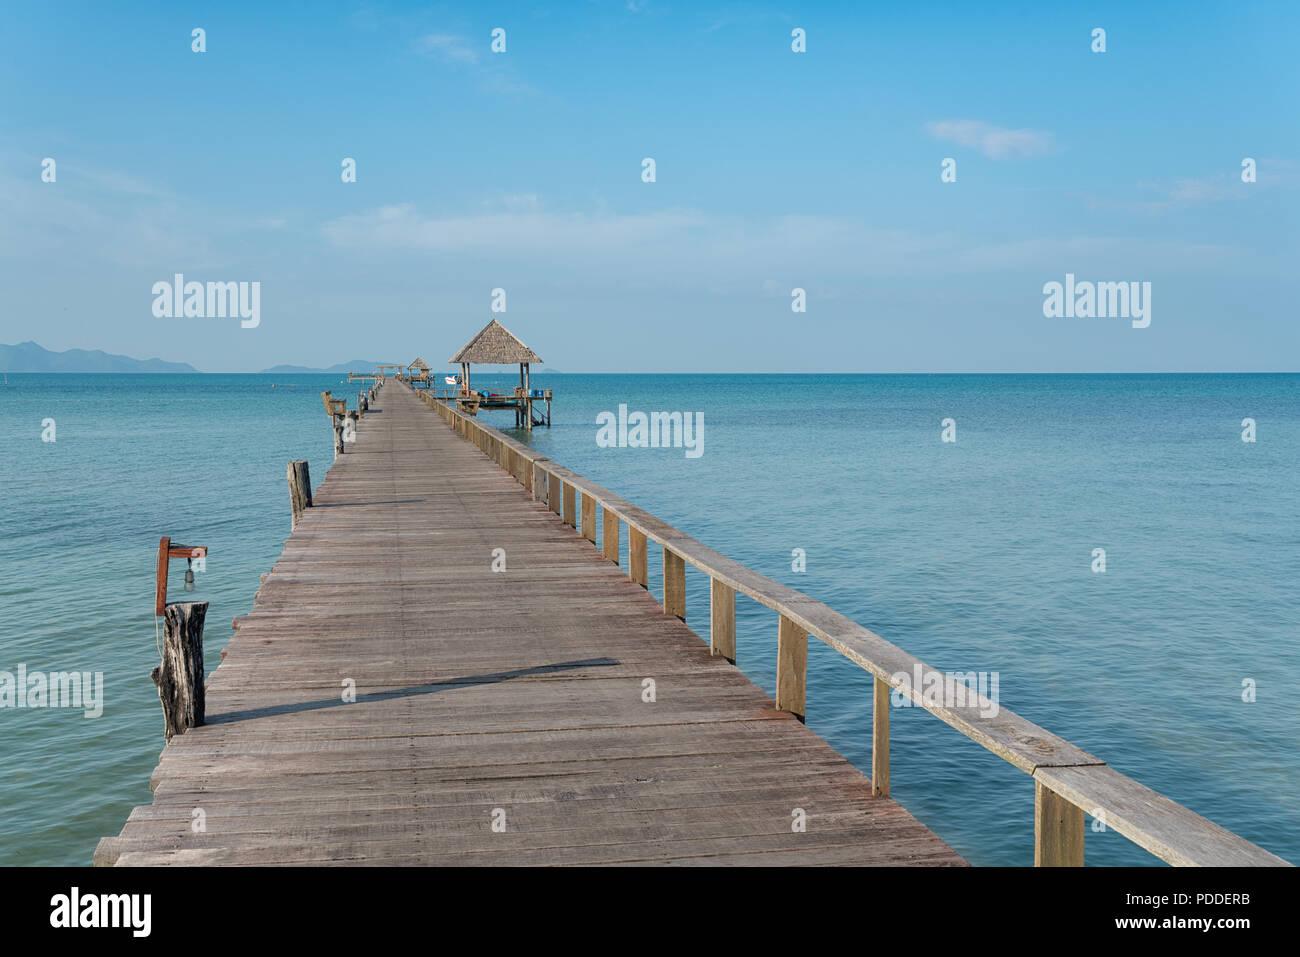 Muelle de madera con barco en Phuket, Tailandia. Verano, Viajes, vacaciones y días festivos concepto. Imagen De Stock